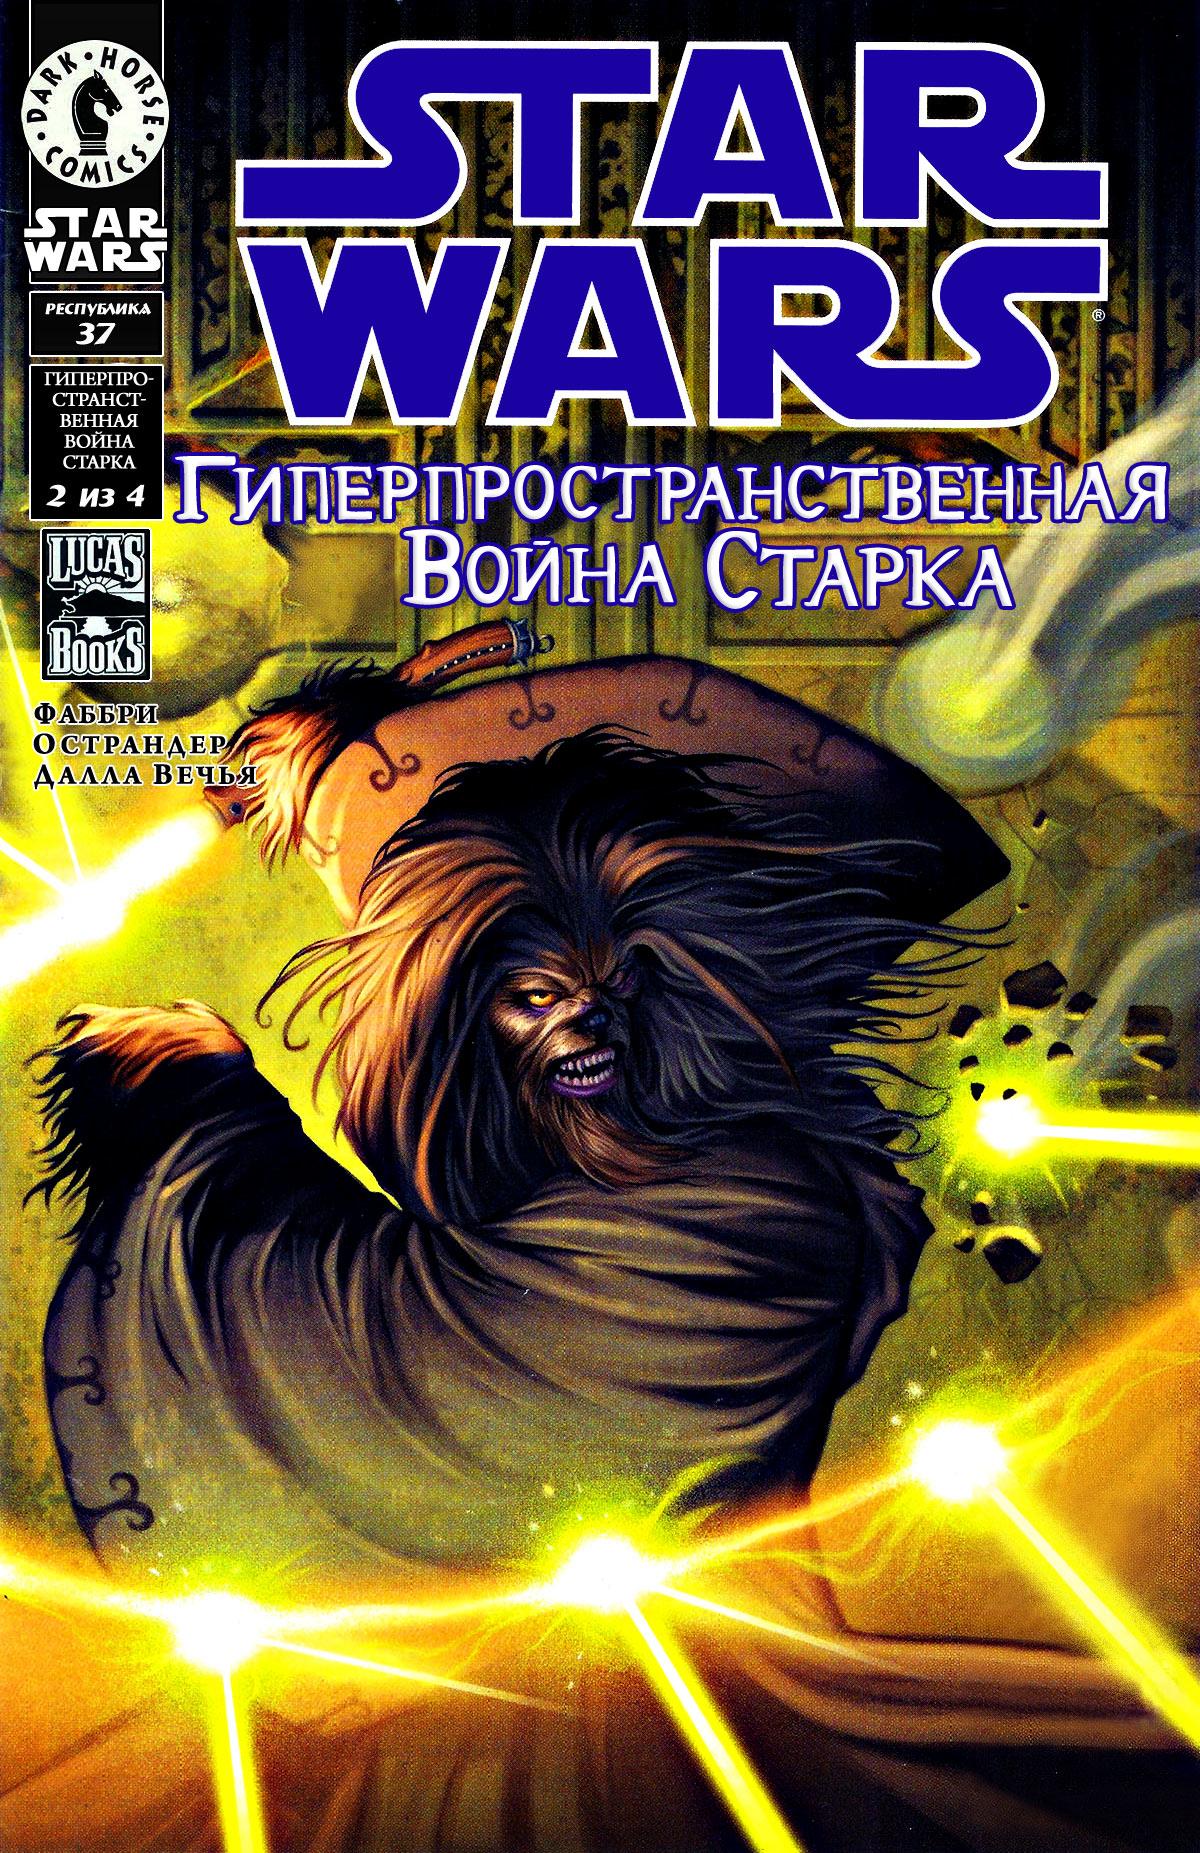 Звёздные войны. Республика 37: Гиперпространственная война Старка, часть 2